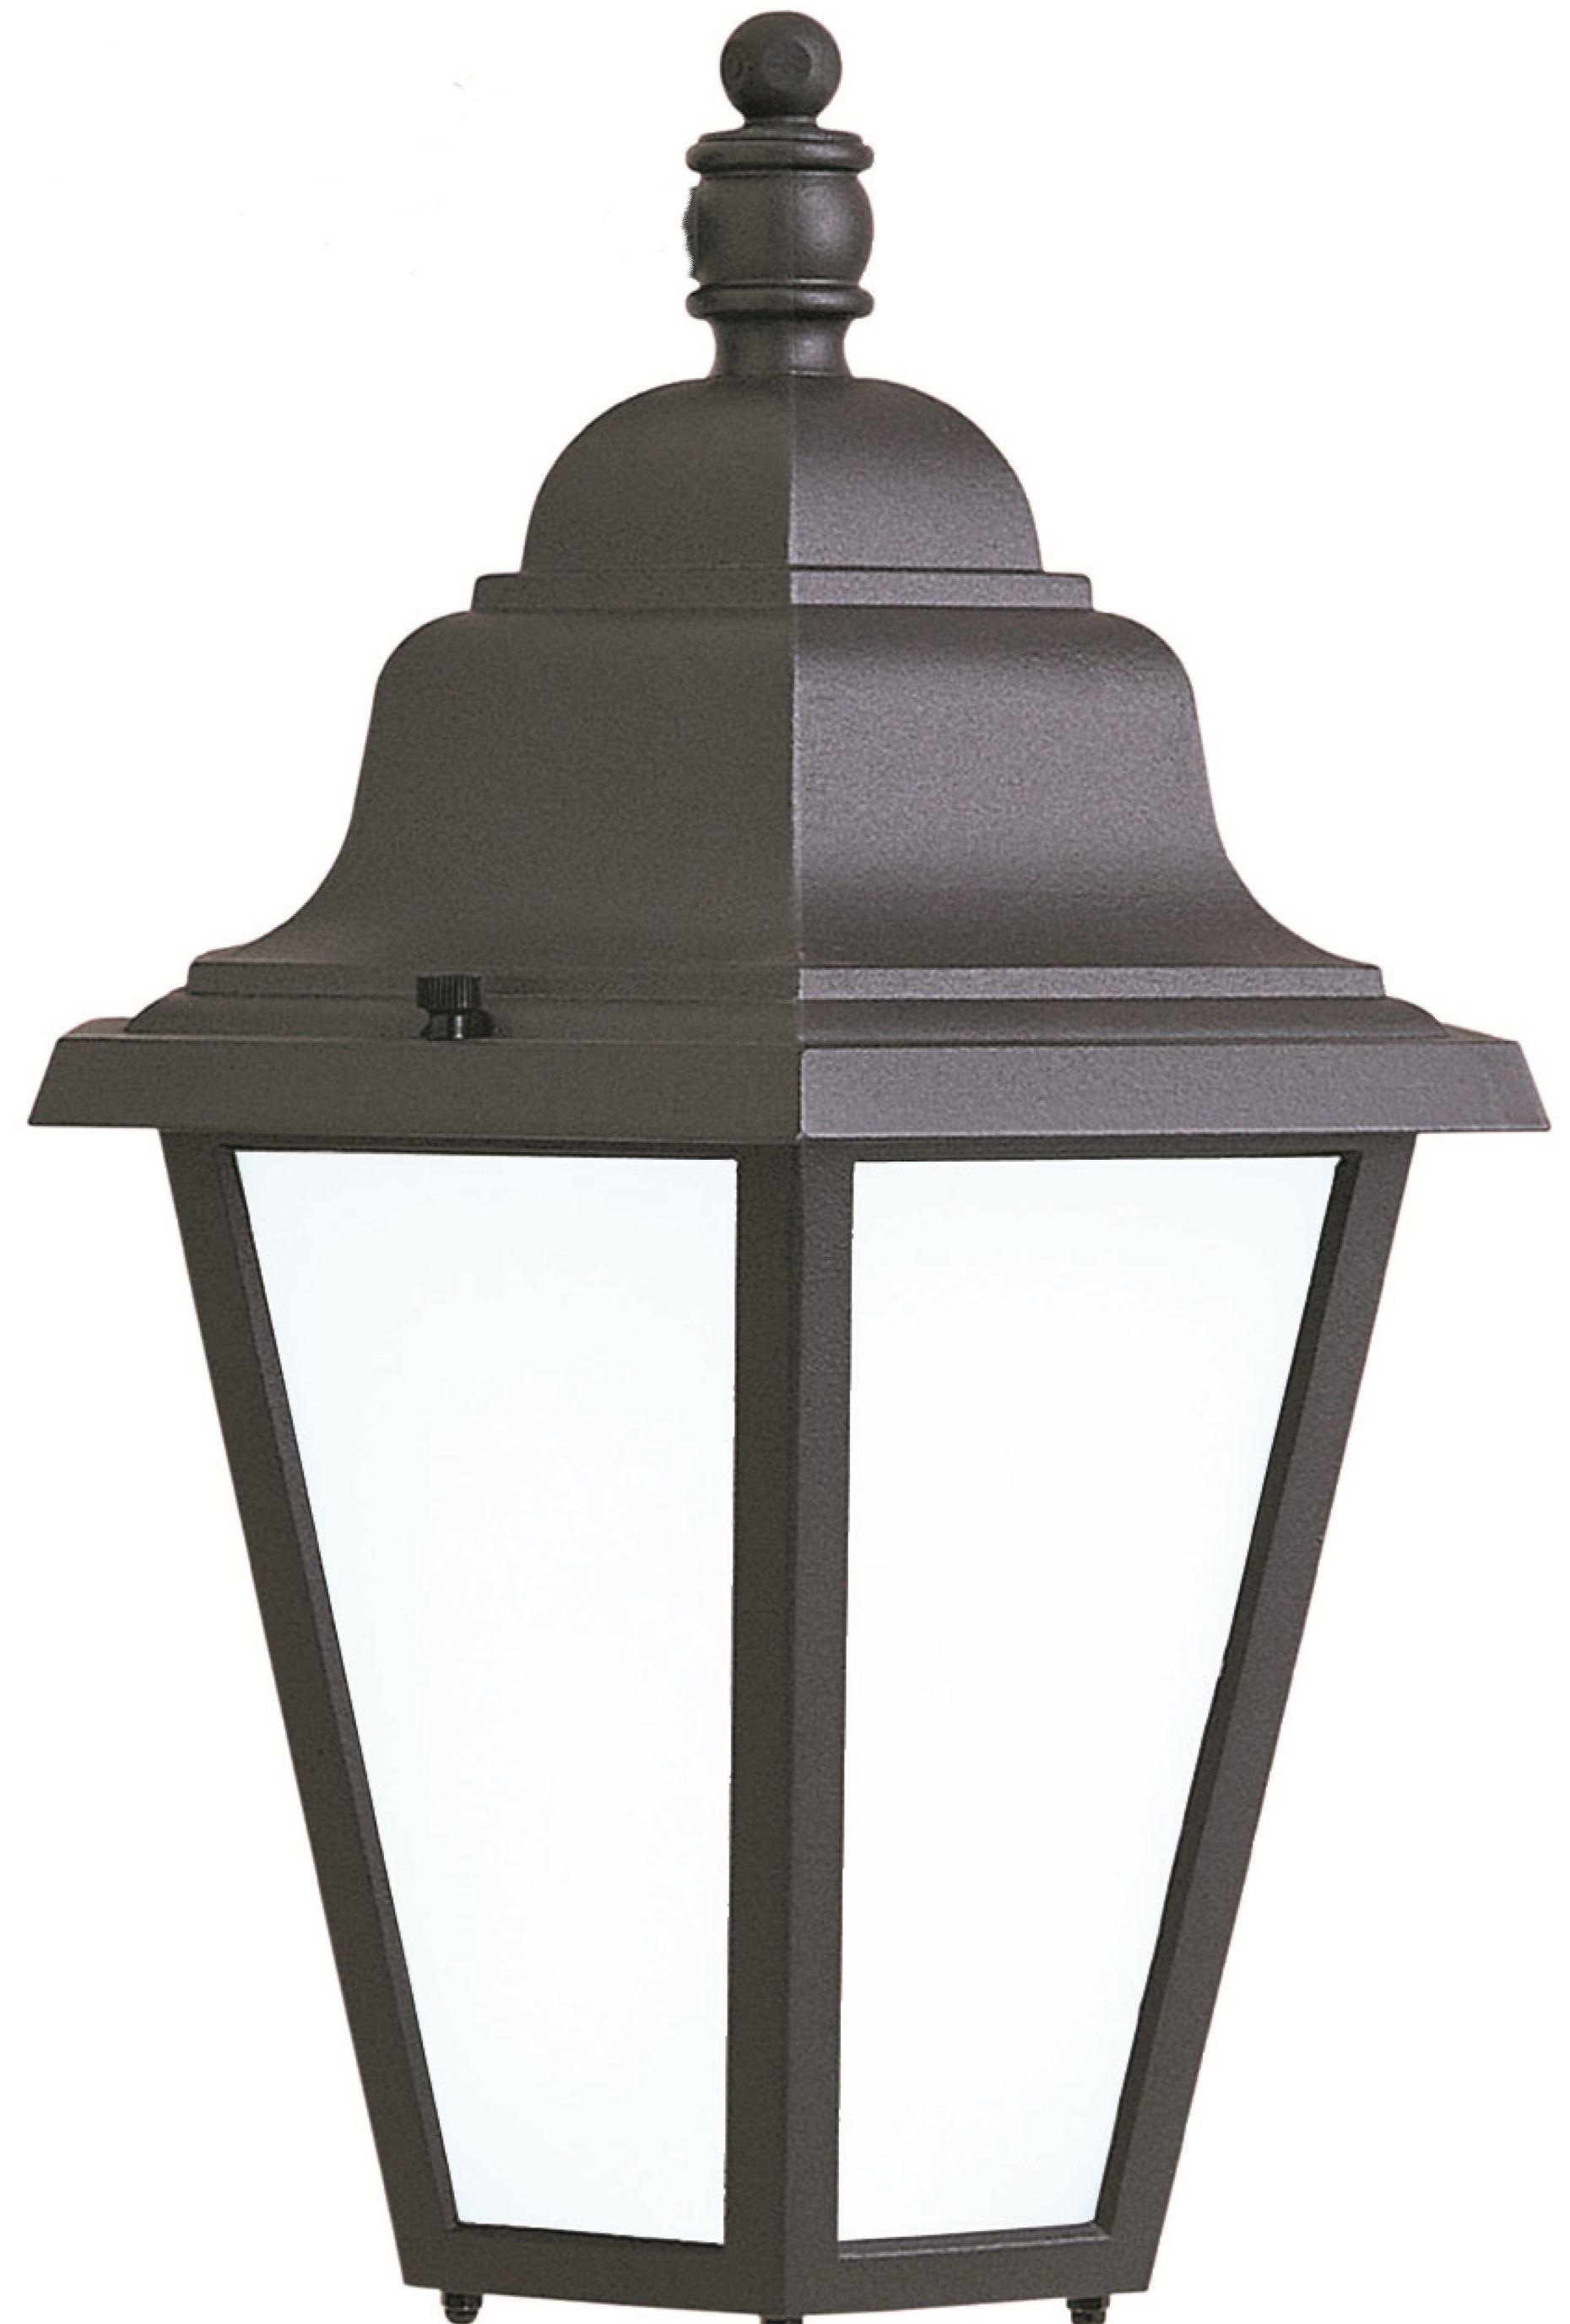 klassik leuchten tina maiwald mittlere auenleuchten von. Black Bedroom Furniture Sets. Home Design Ideas